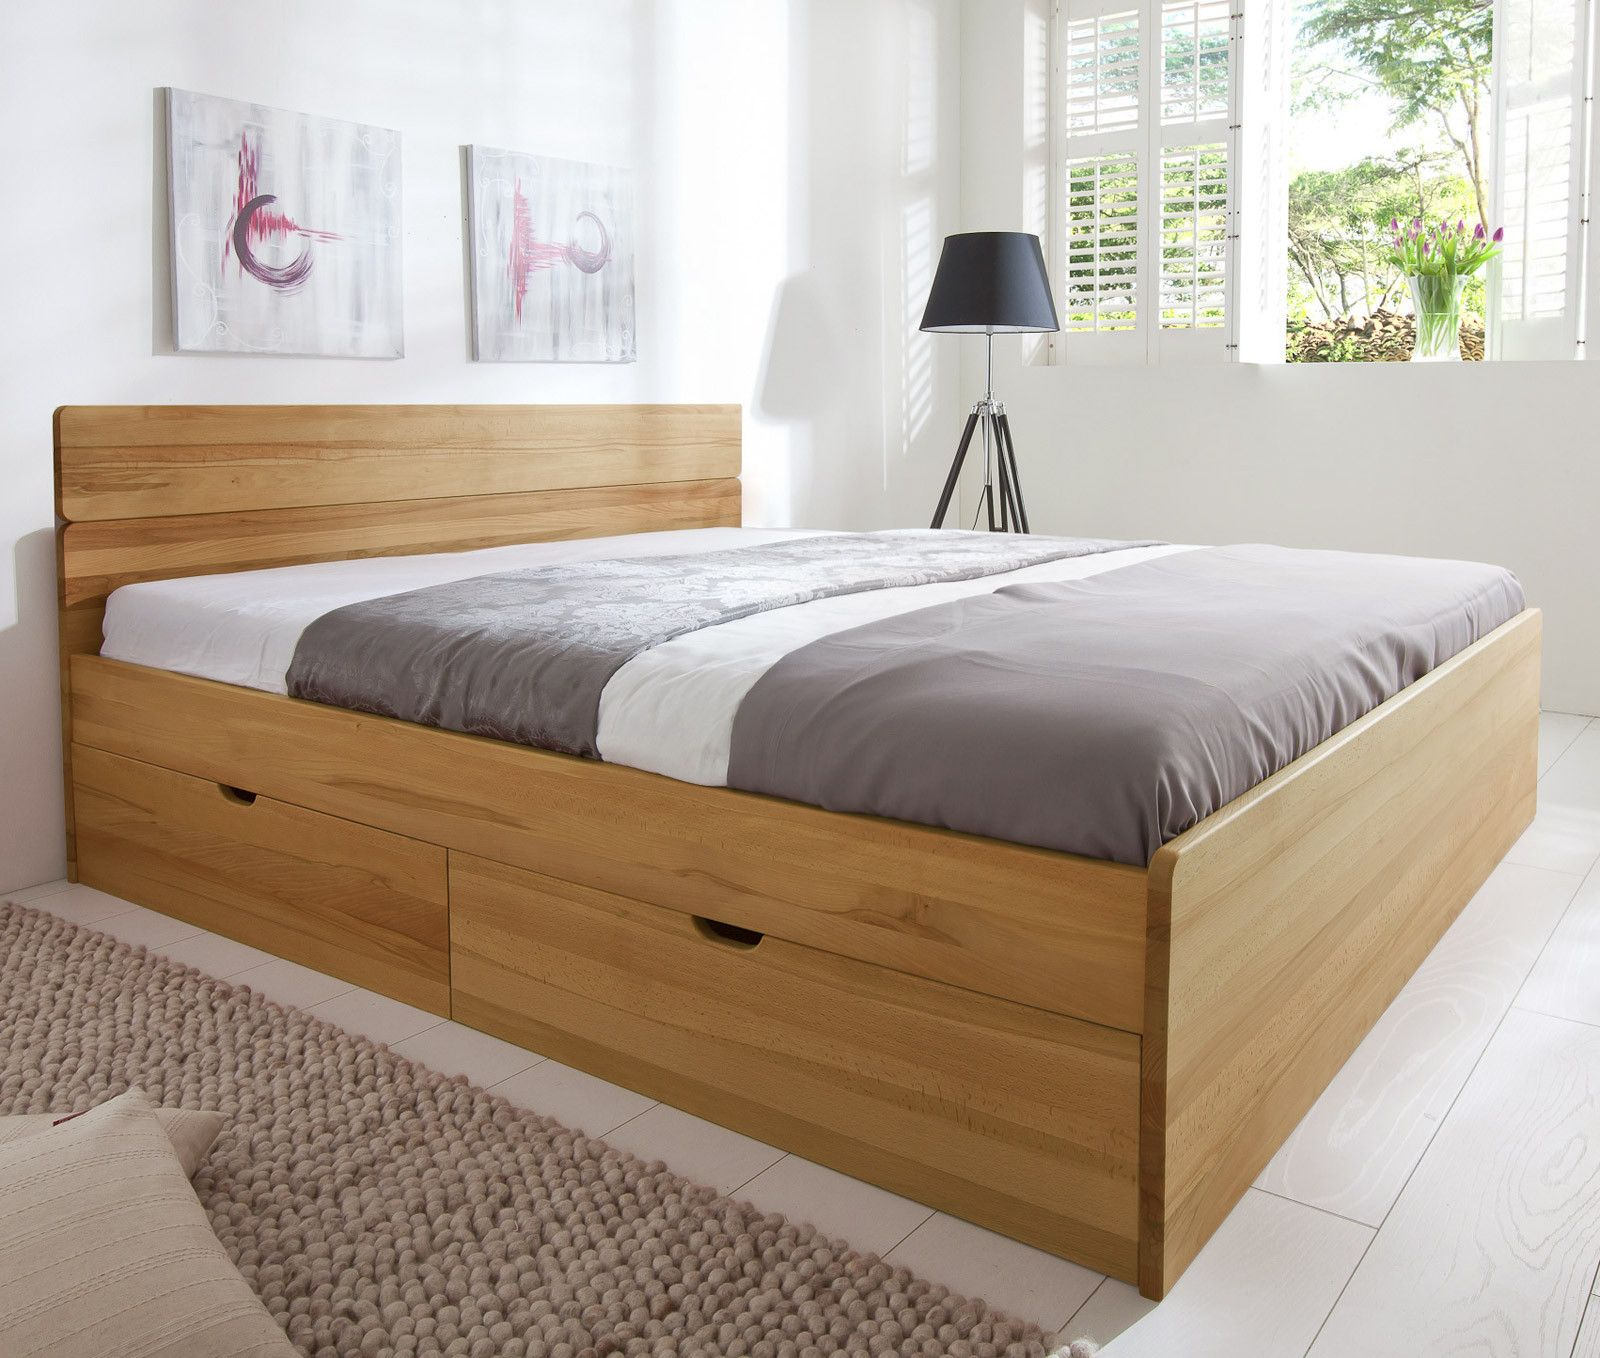 Betten Mit Stauraum Holz